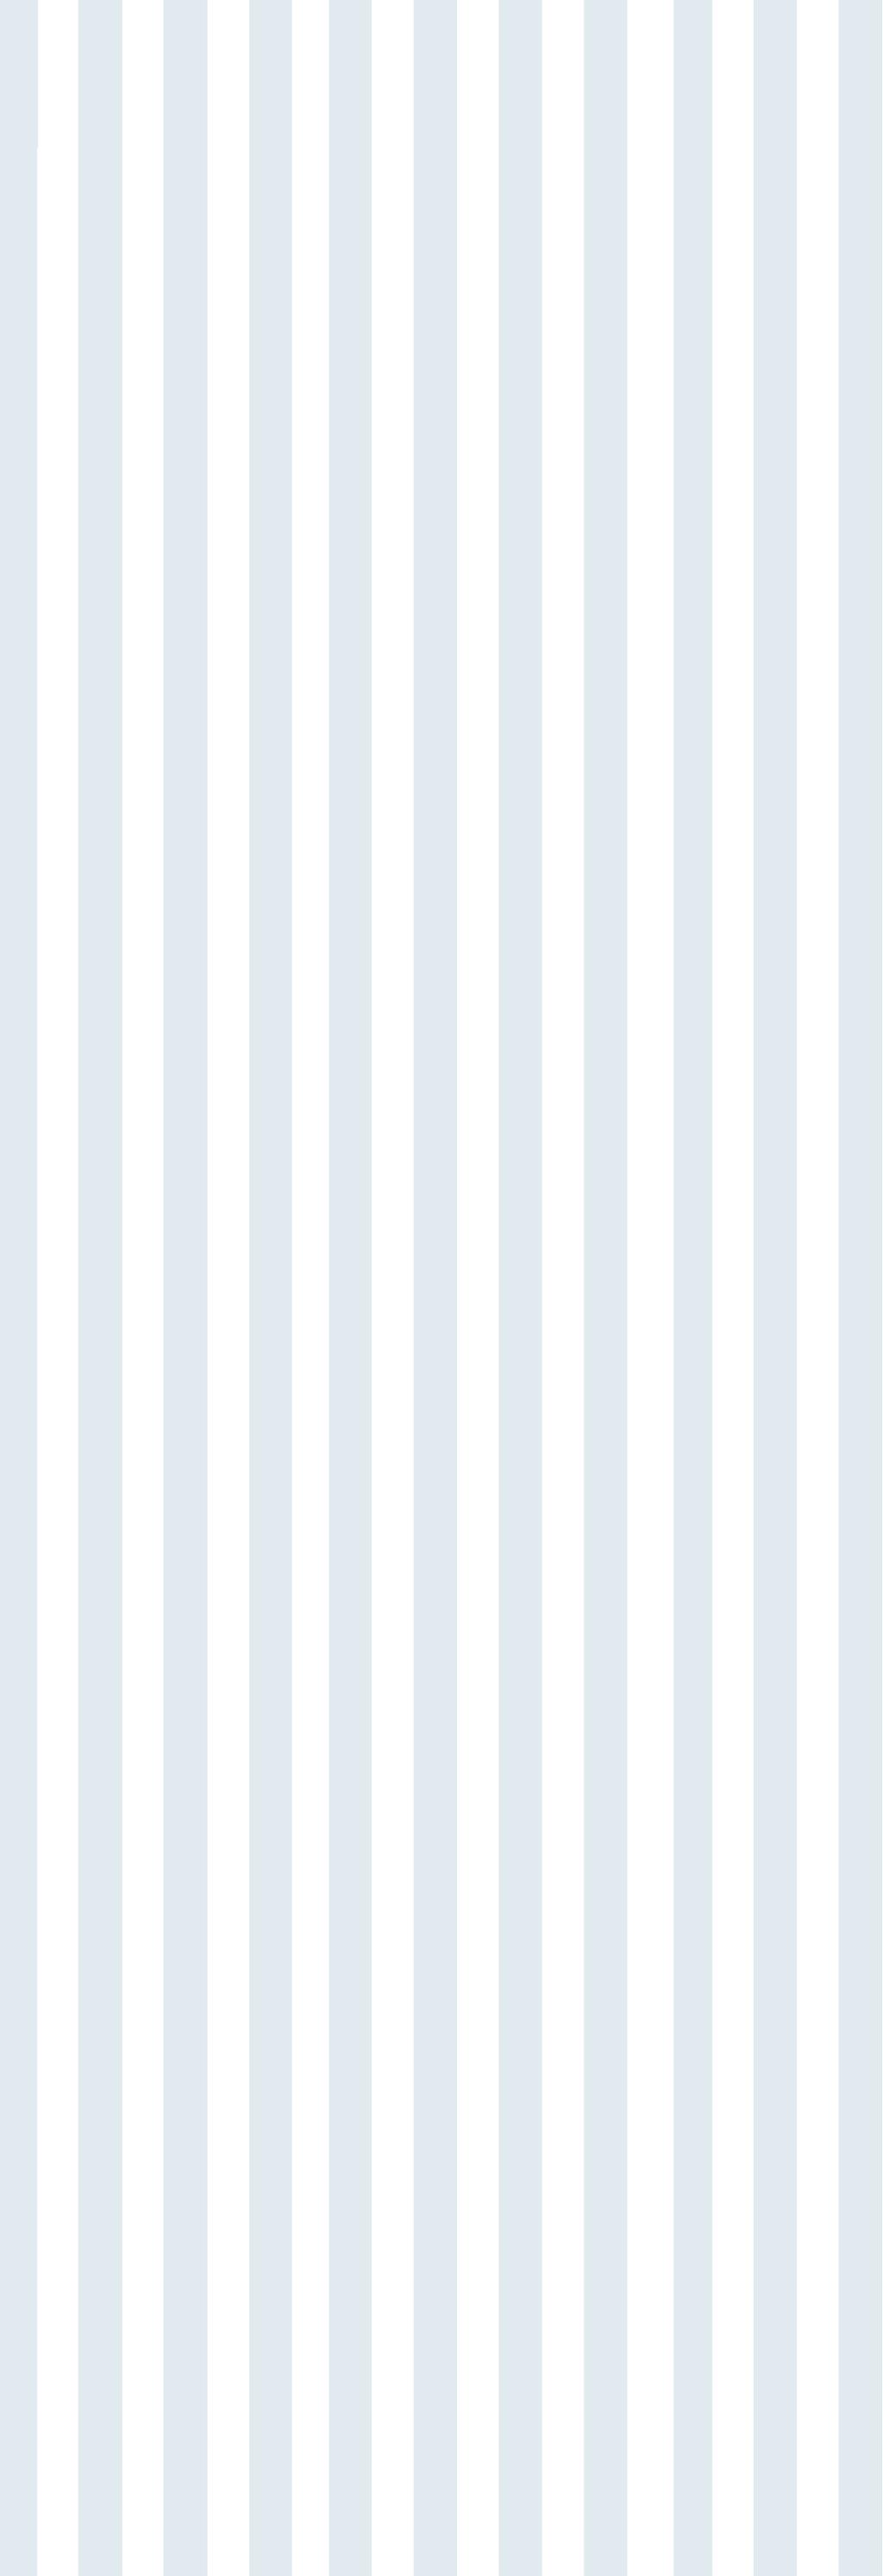 Blue/Gray and White Stripey Custom Box BG by ScytheSkull